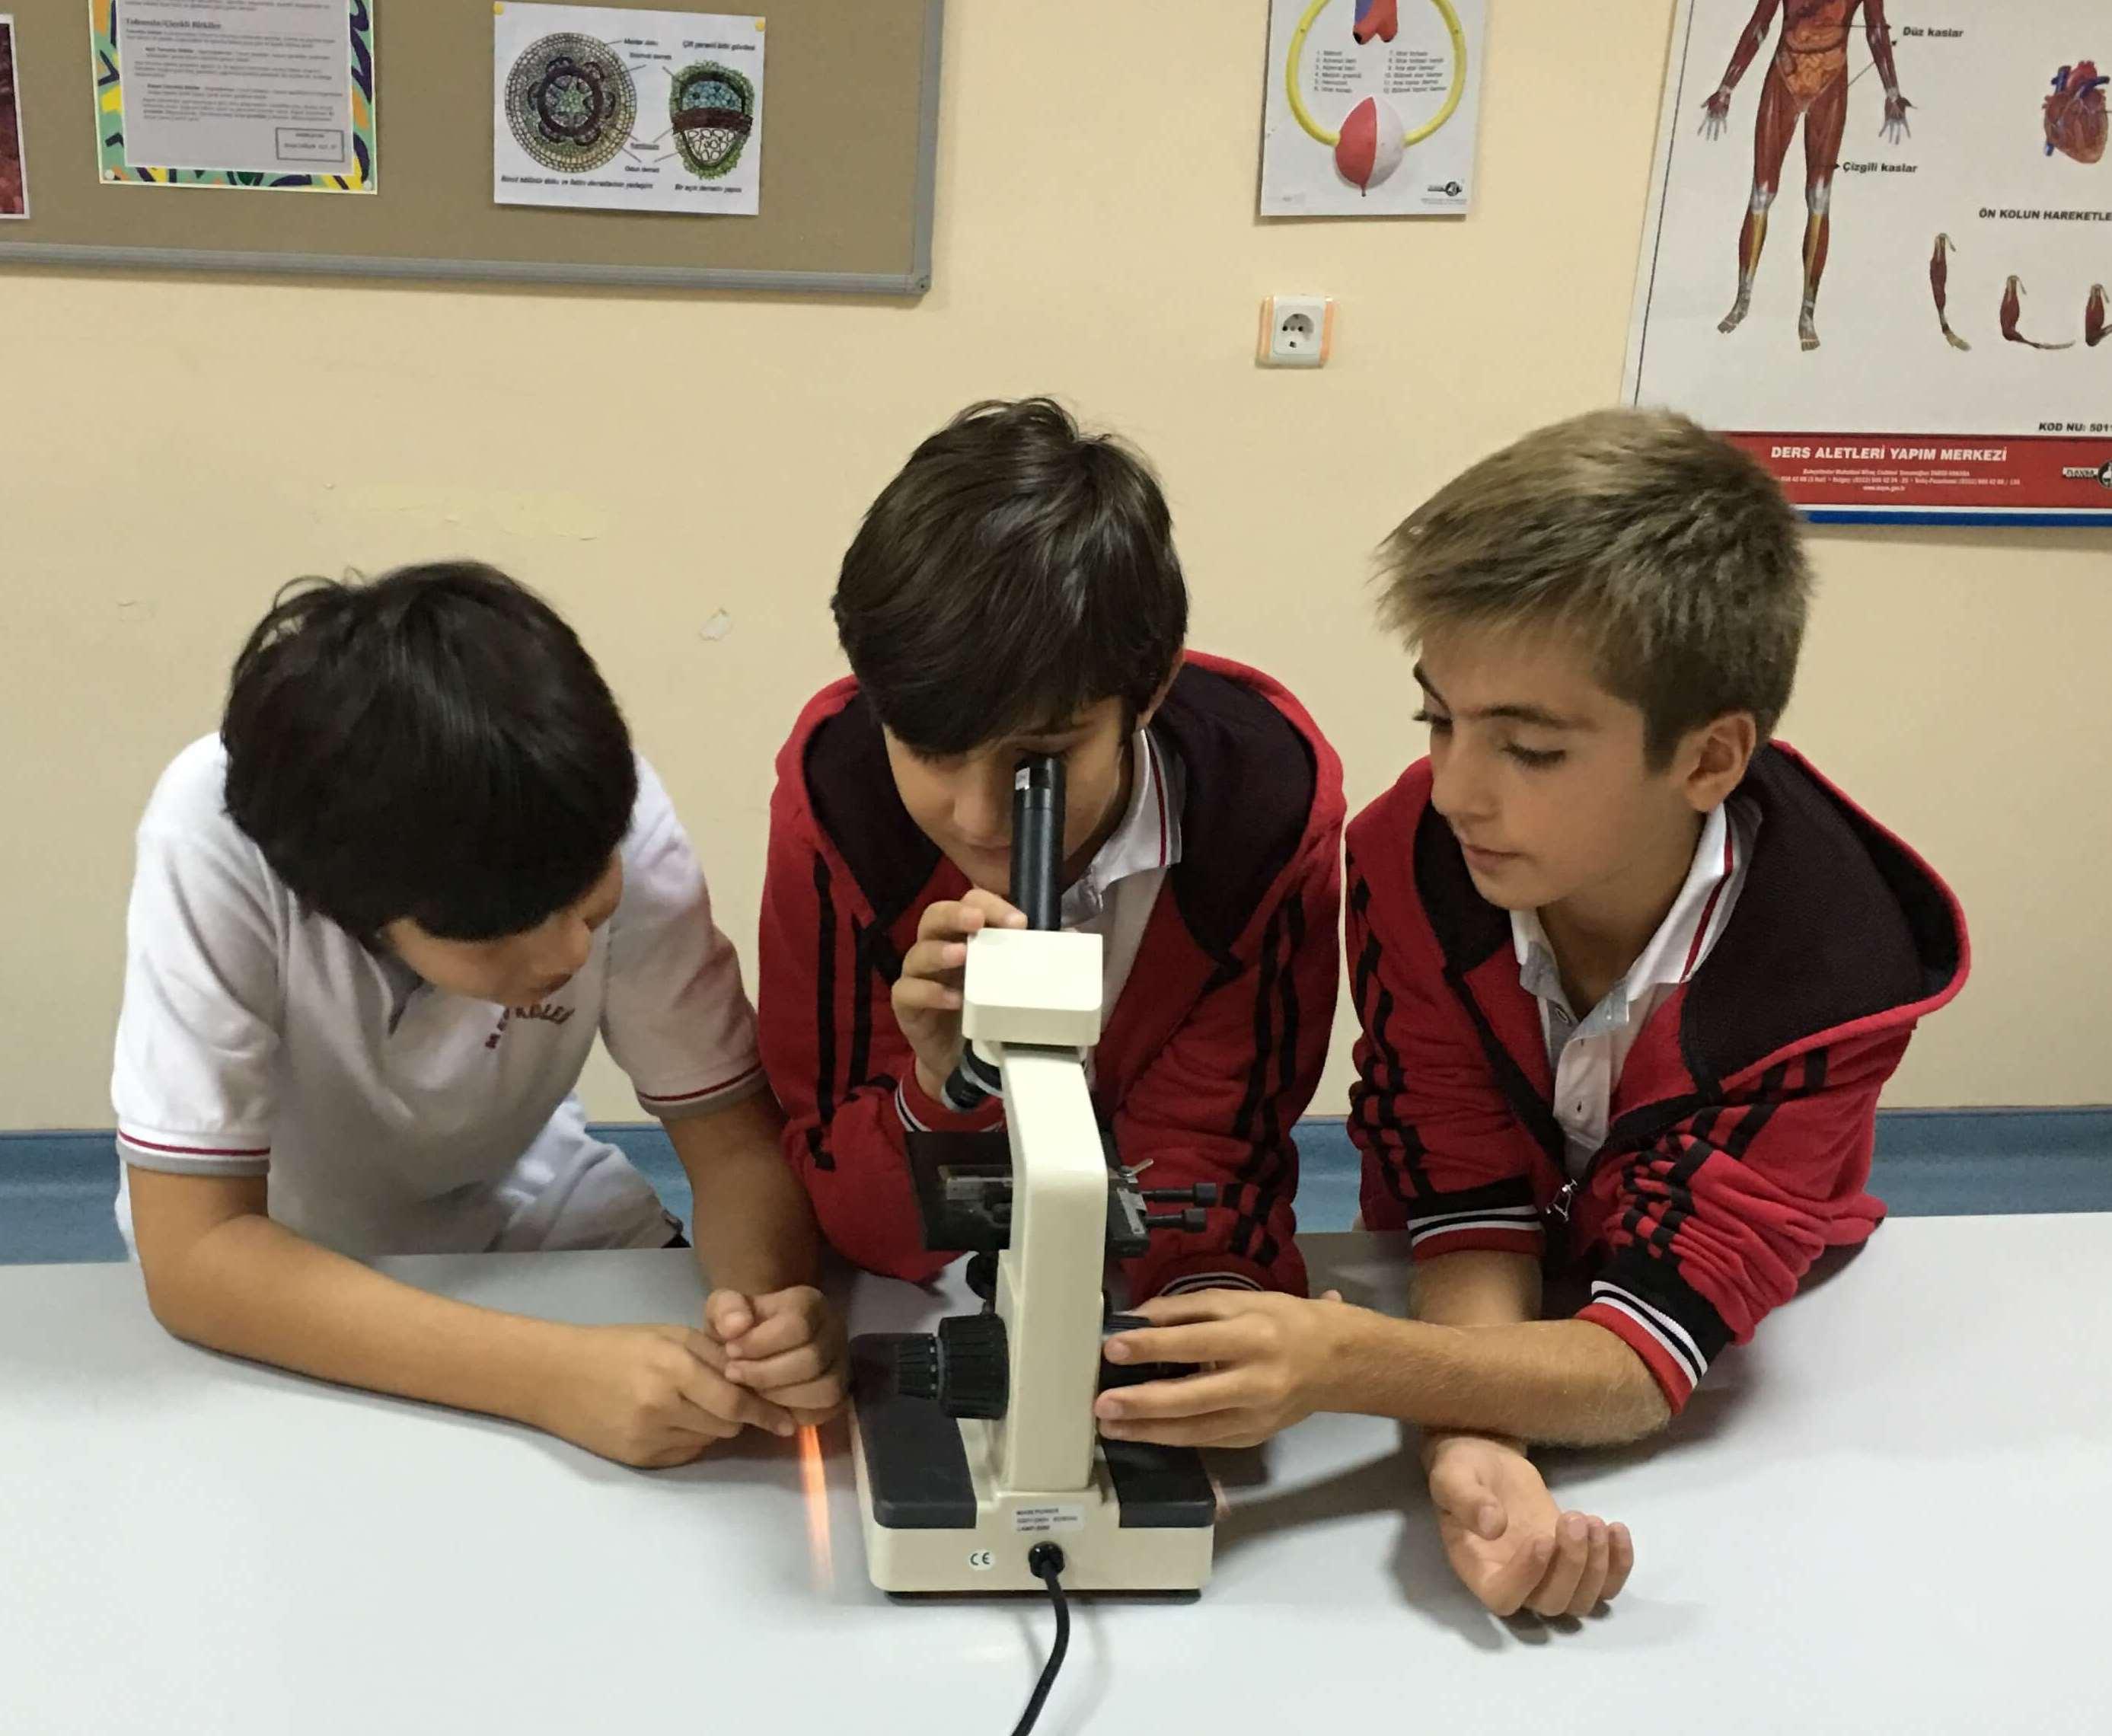 6. Sınıf Öğrencilerimiz Canlı Hücrelerine Ait Örnekleri Mikroskopta İncelediler